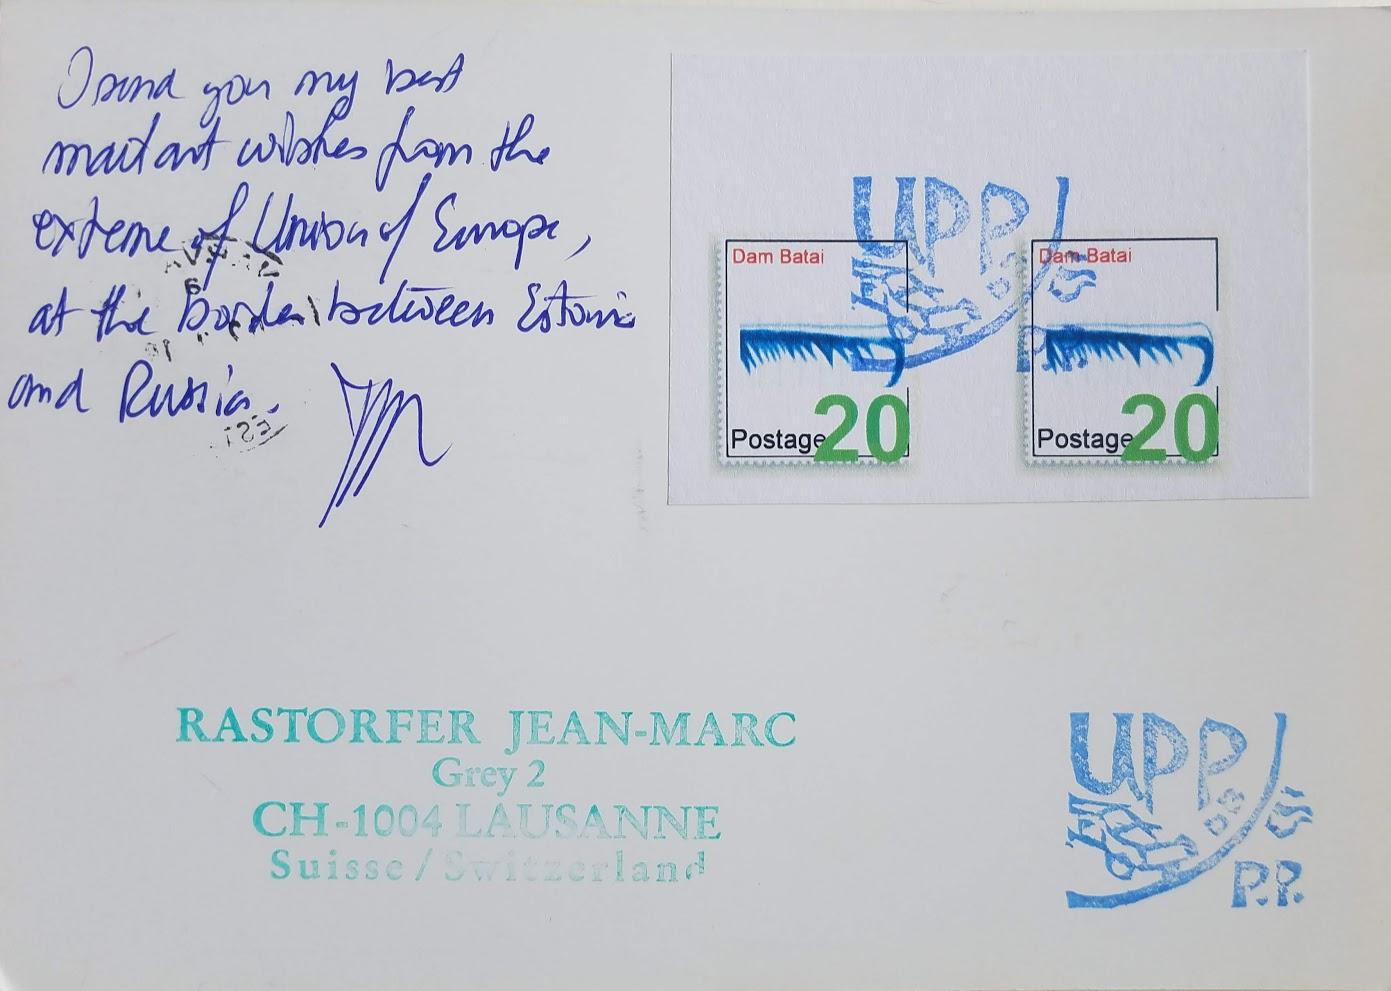 Rastorfer Jean-Marc, Lausanne (Switzerland)